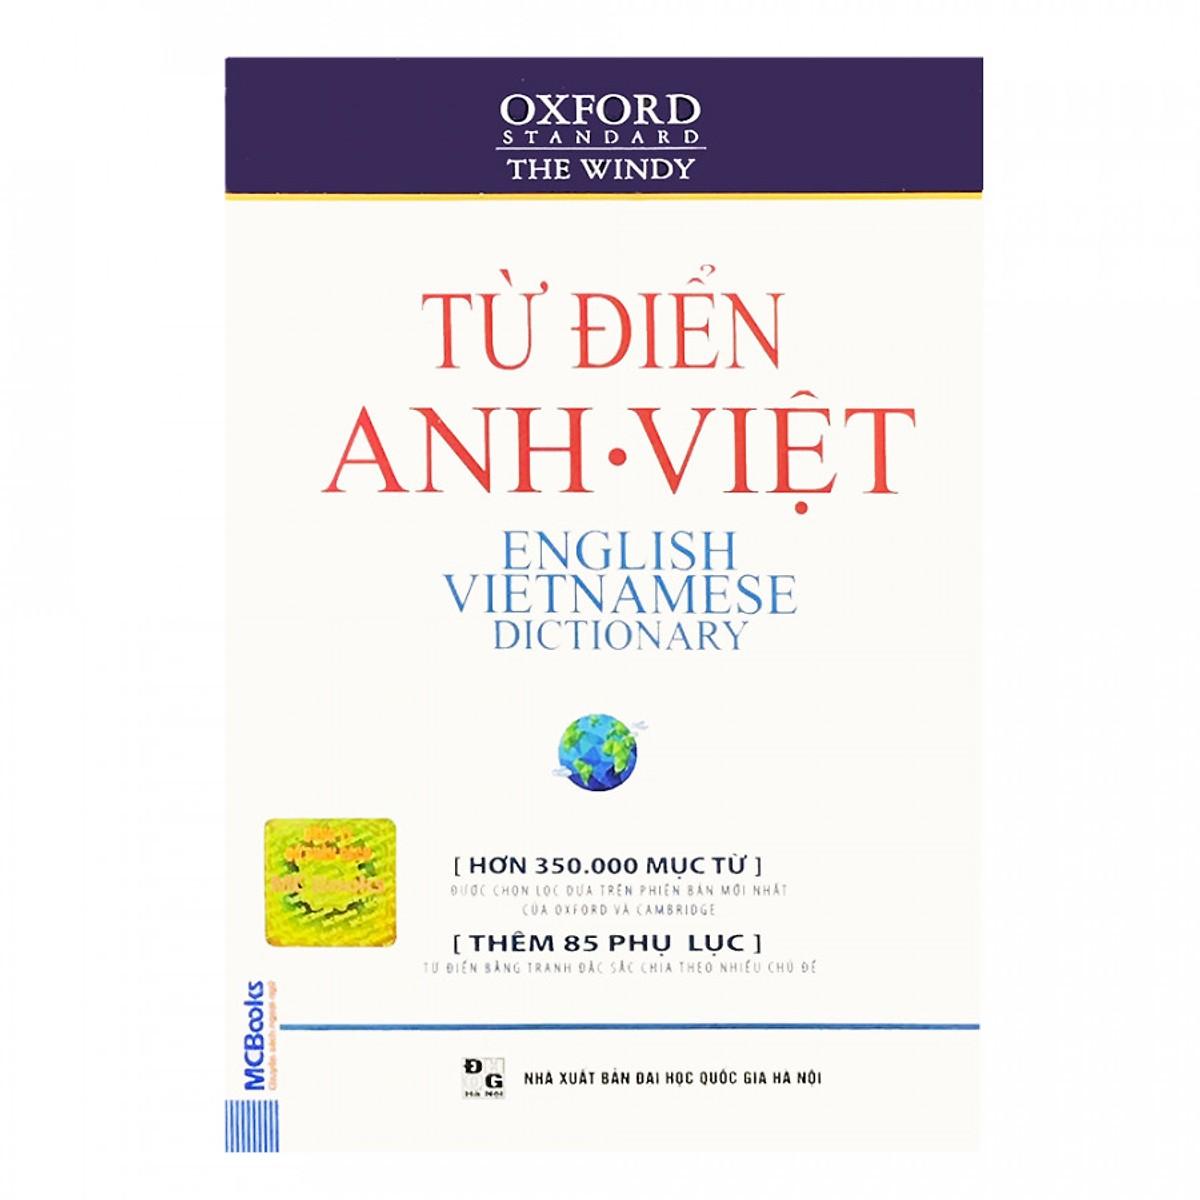 Từ Điển Oxford Anh - Việt (Hơn 350.000 Từ) (Bìa Mềm Màu Trắng) (Tặng Thước Đo Chiều Cao Cho Trẻ)